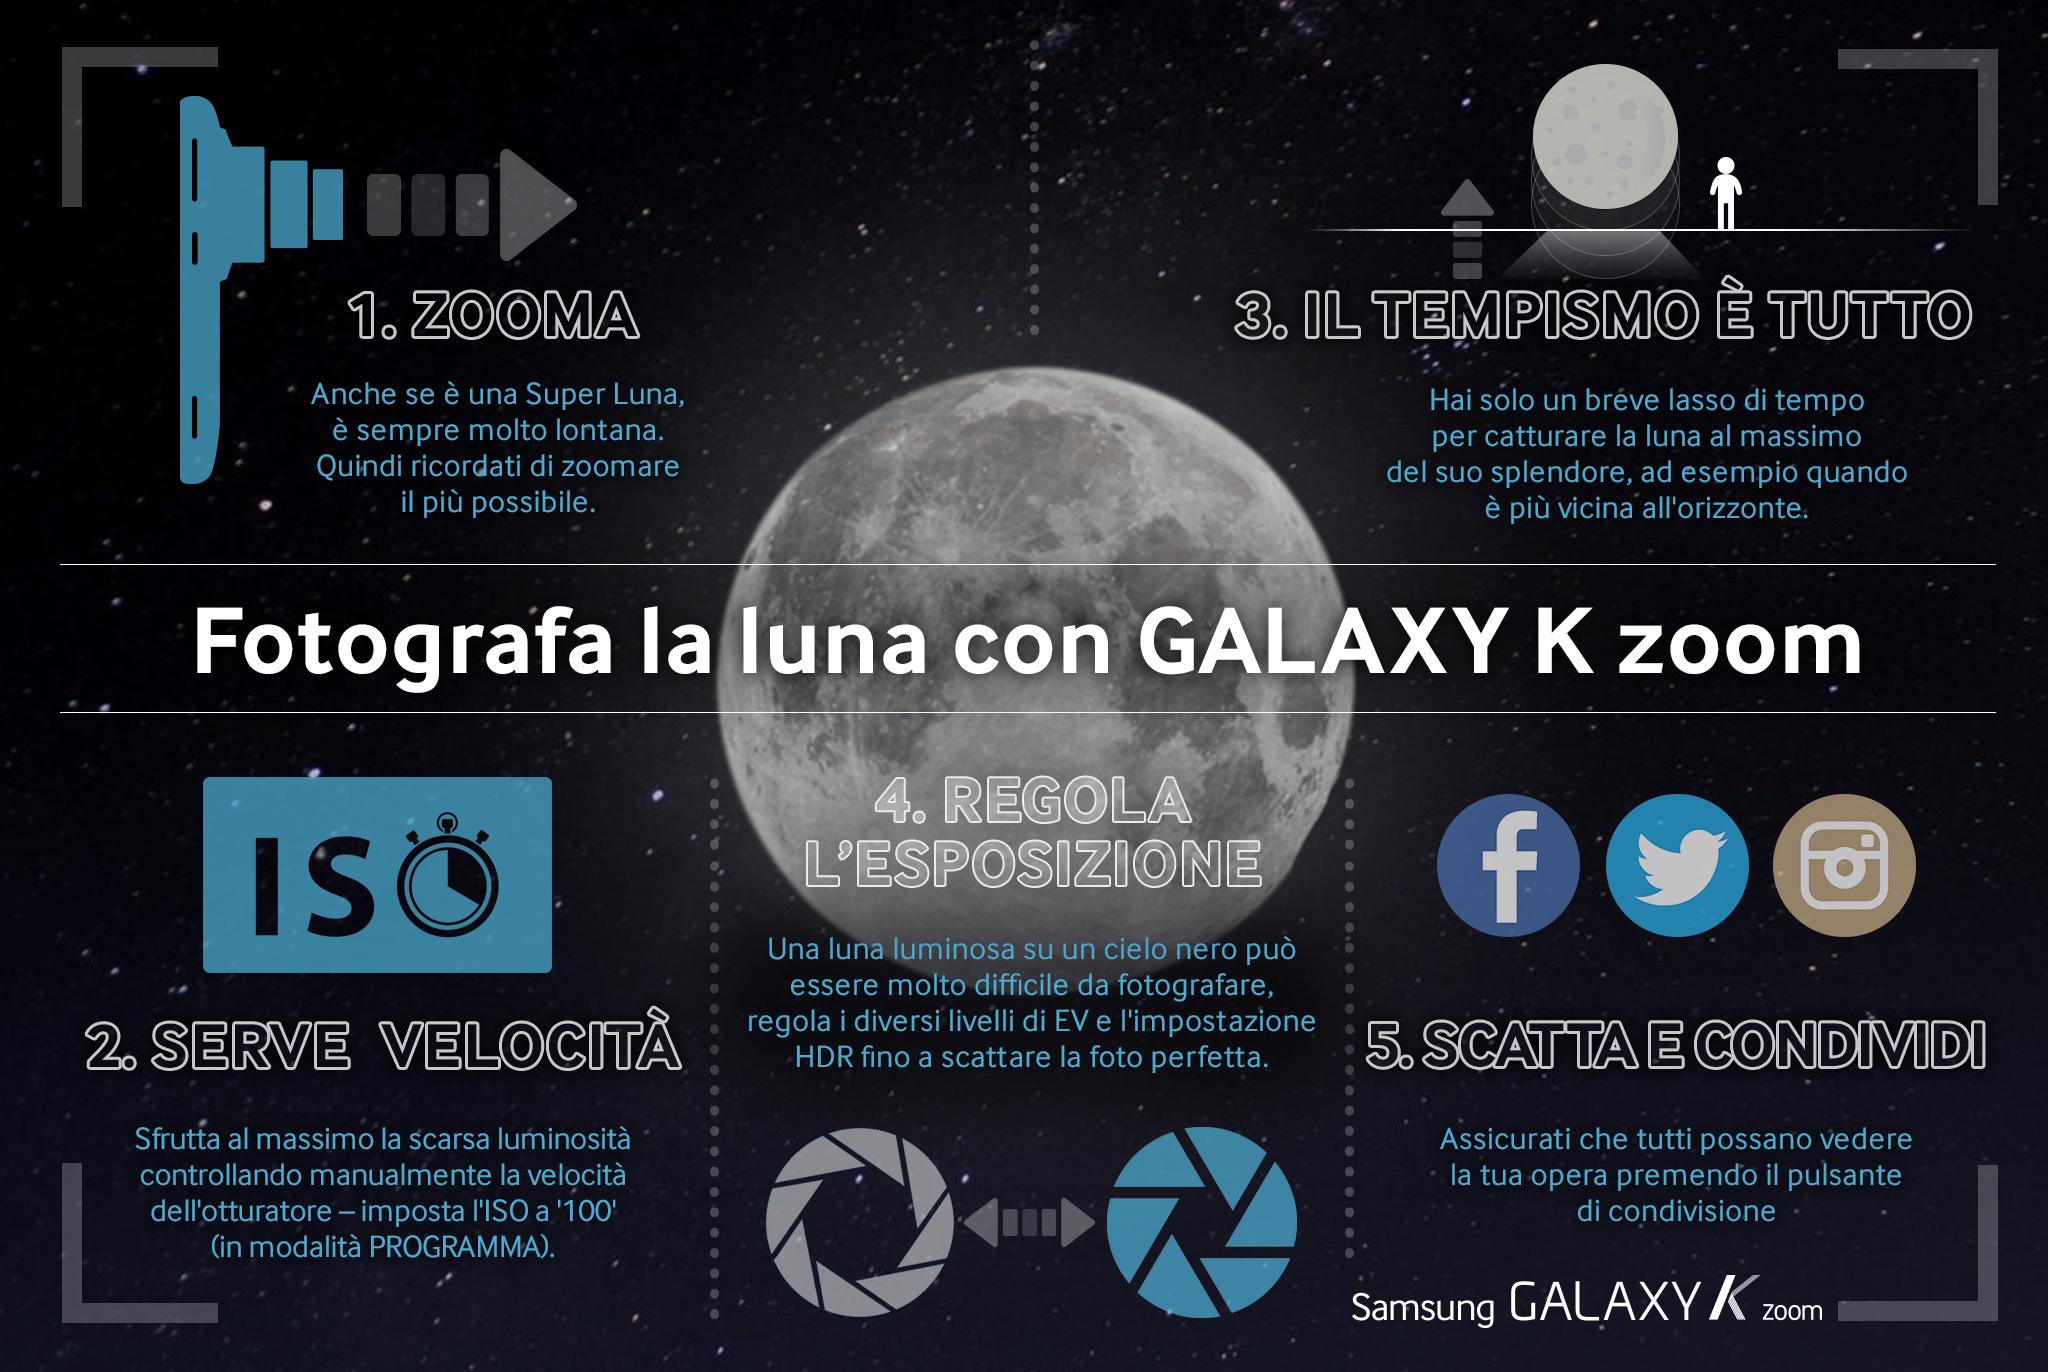 Galaxy K Zoom Supermoon infographic - Guardare la super luna e fotografare al meglio con Samsung Galaxy K Zoom